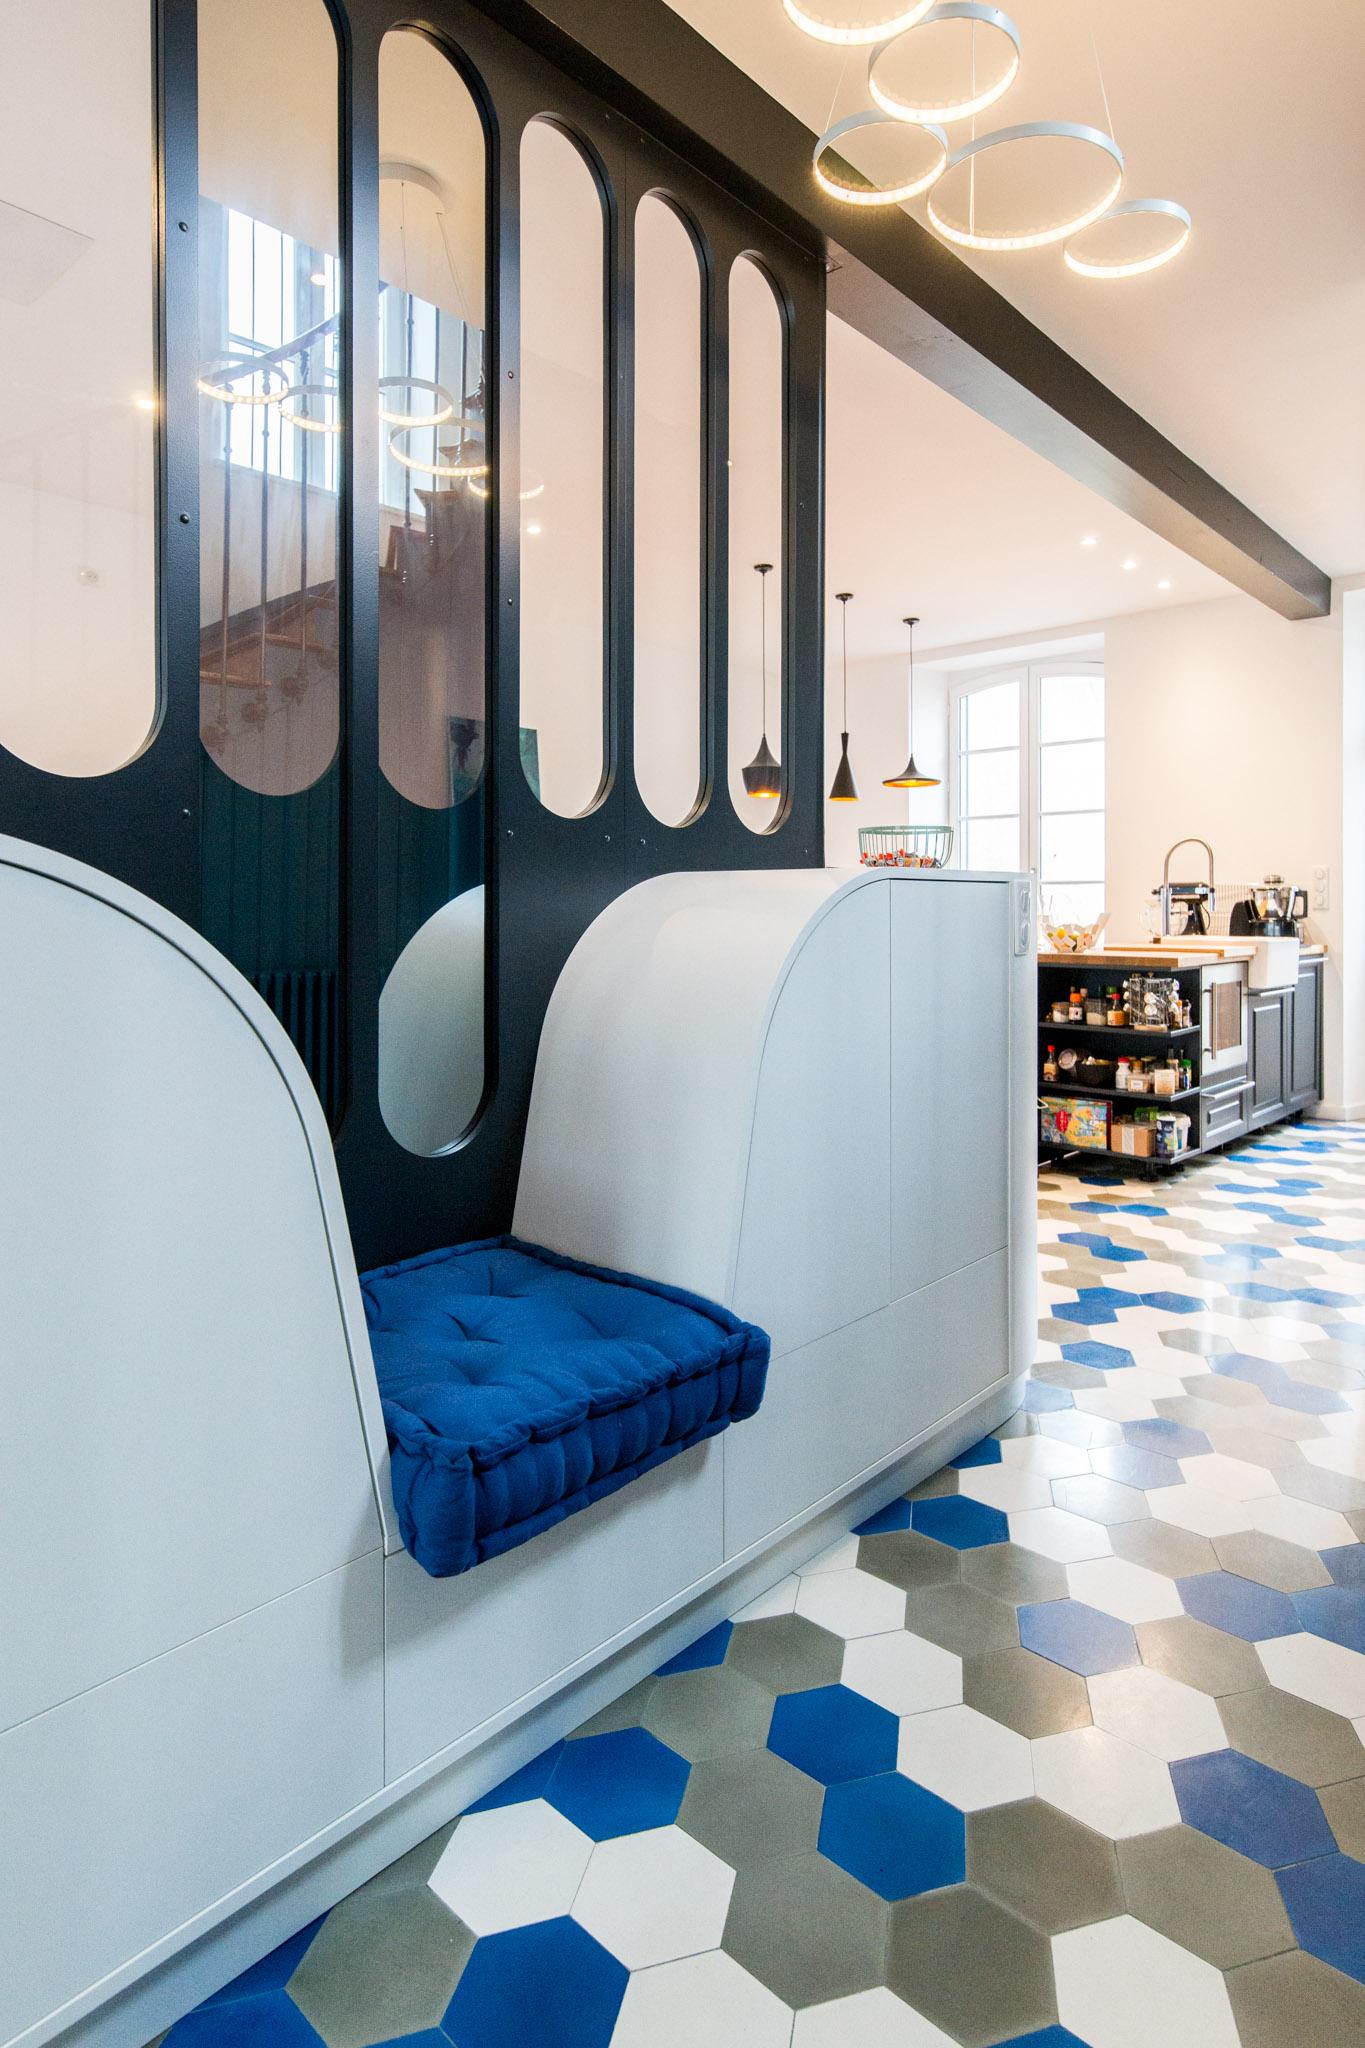 Decoratrice Interieur La Rochelle renovation-amenagement-decoration-ameublement-agencement